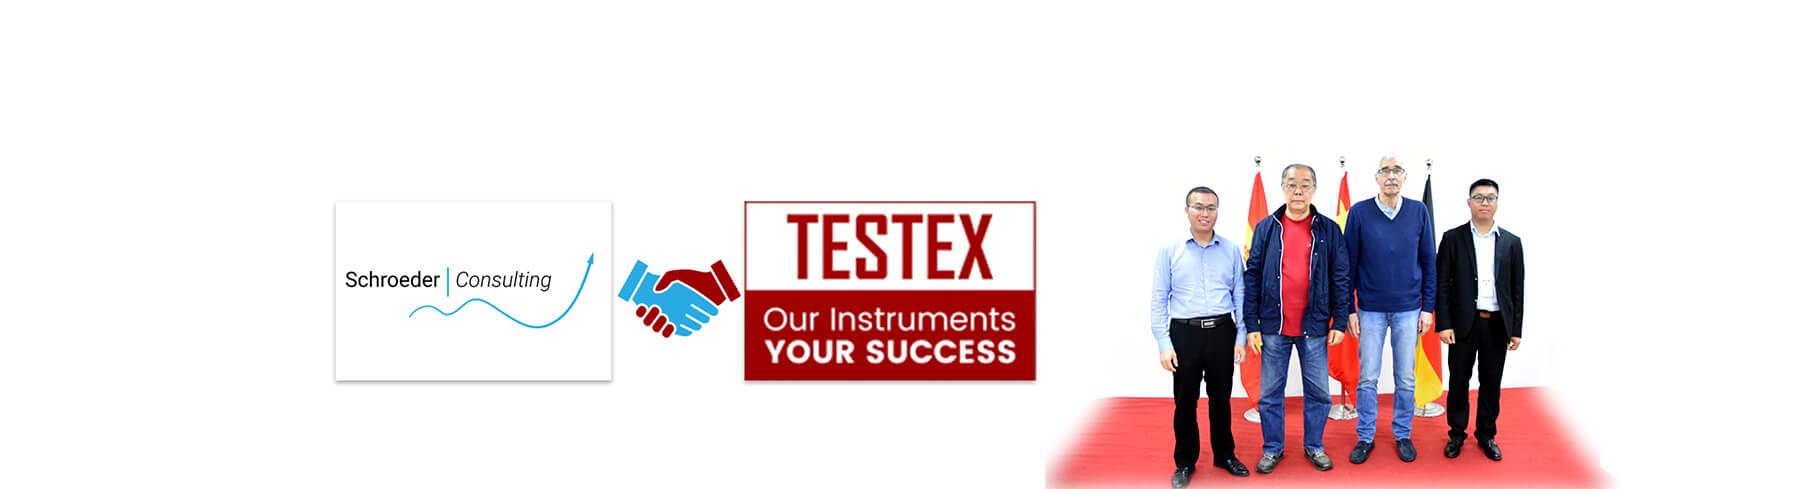 TESTEX - SCHROEDER CONSULTING